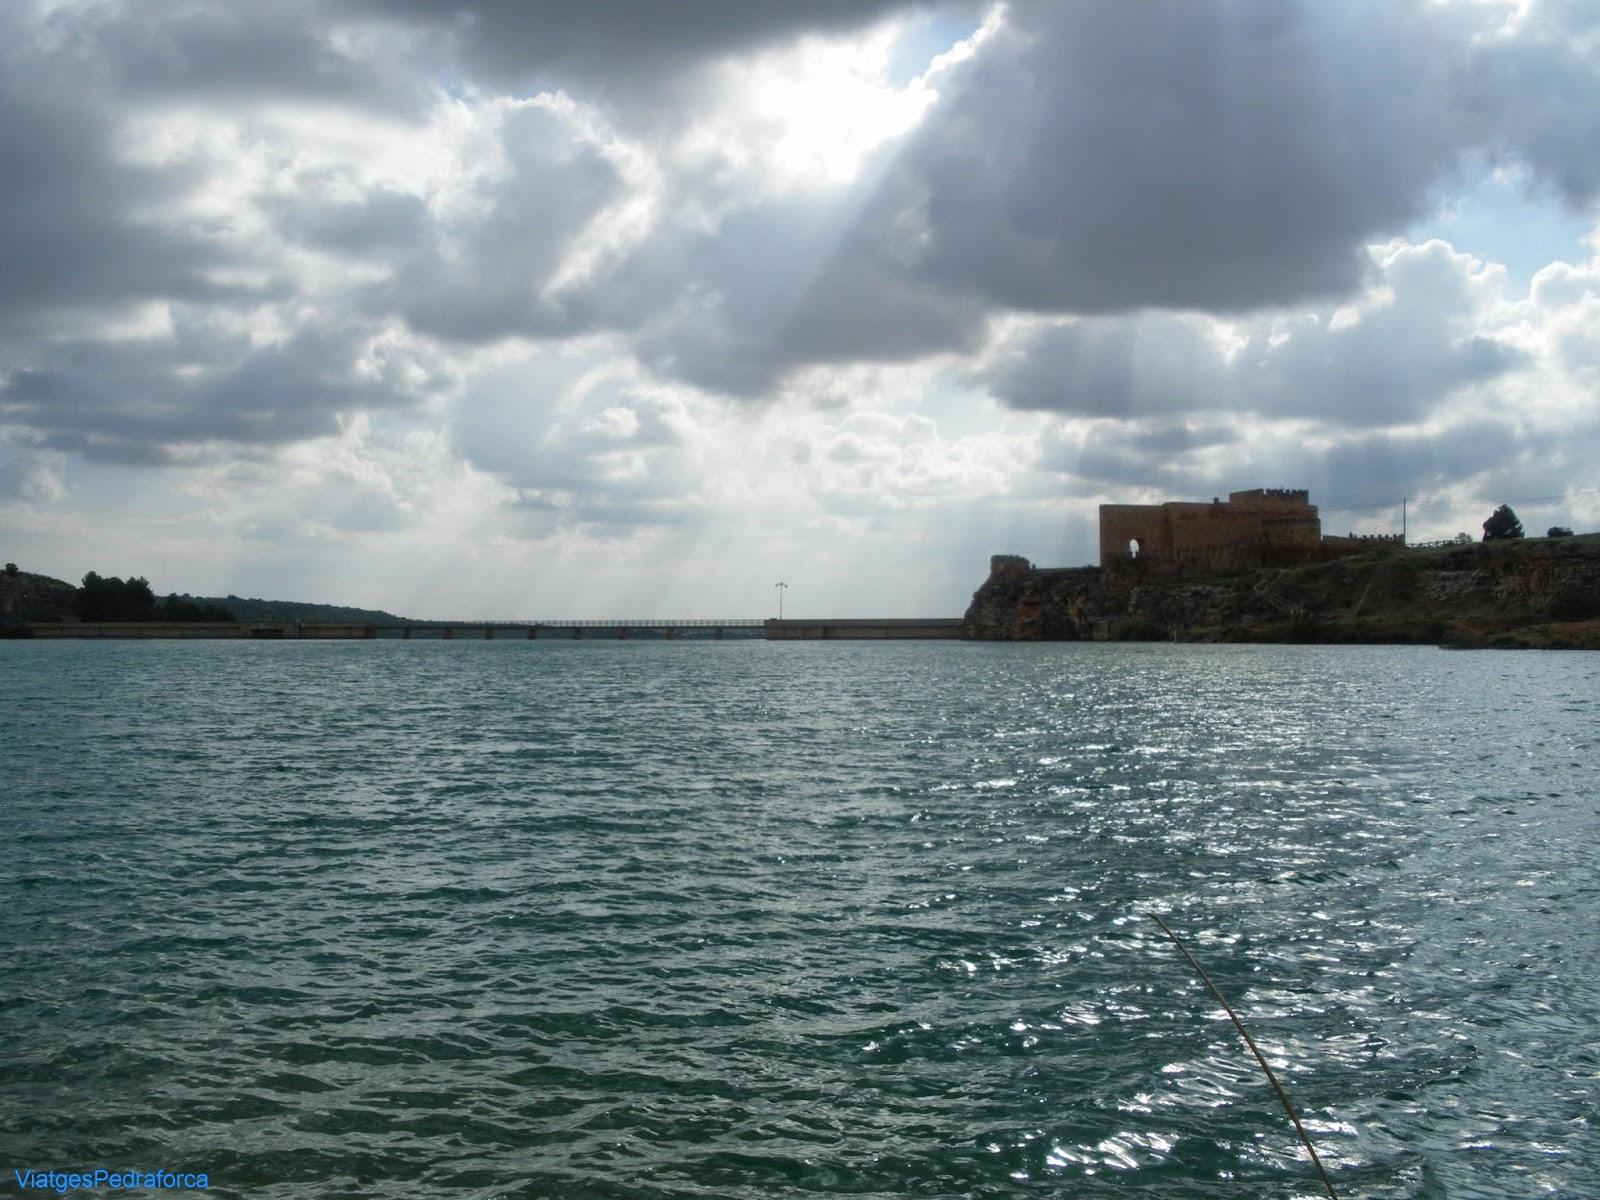 Castillo de Peñarroya, Ciudad Real, Castilla La Mancha